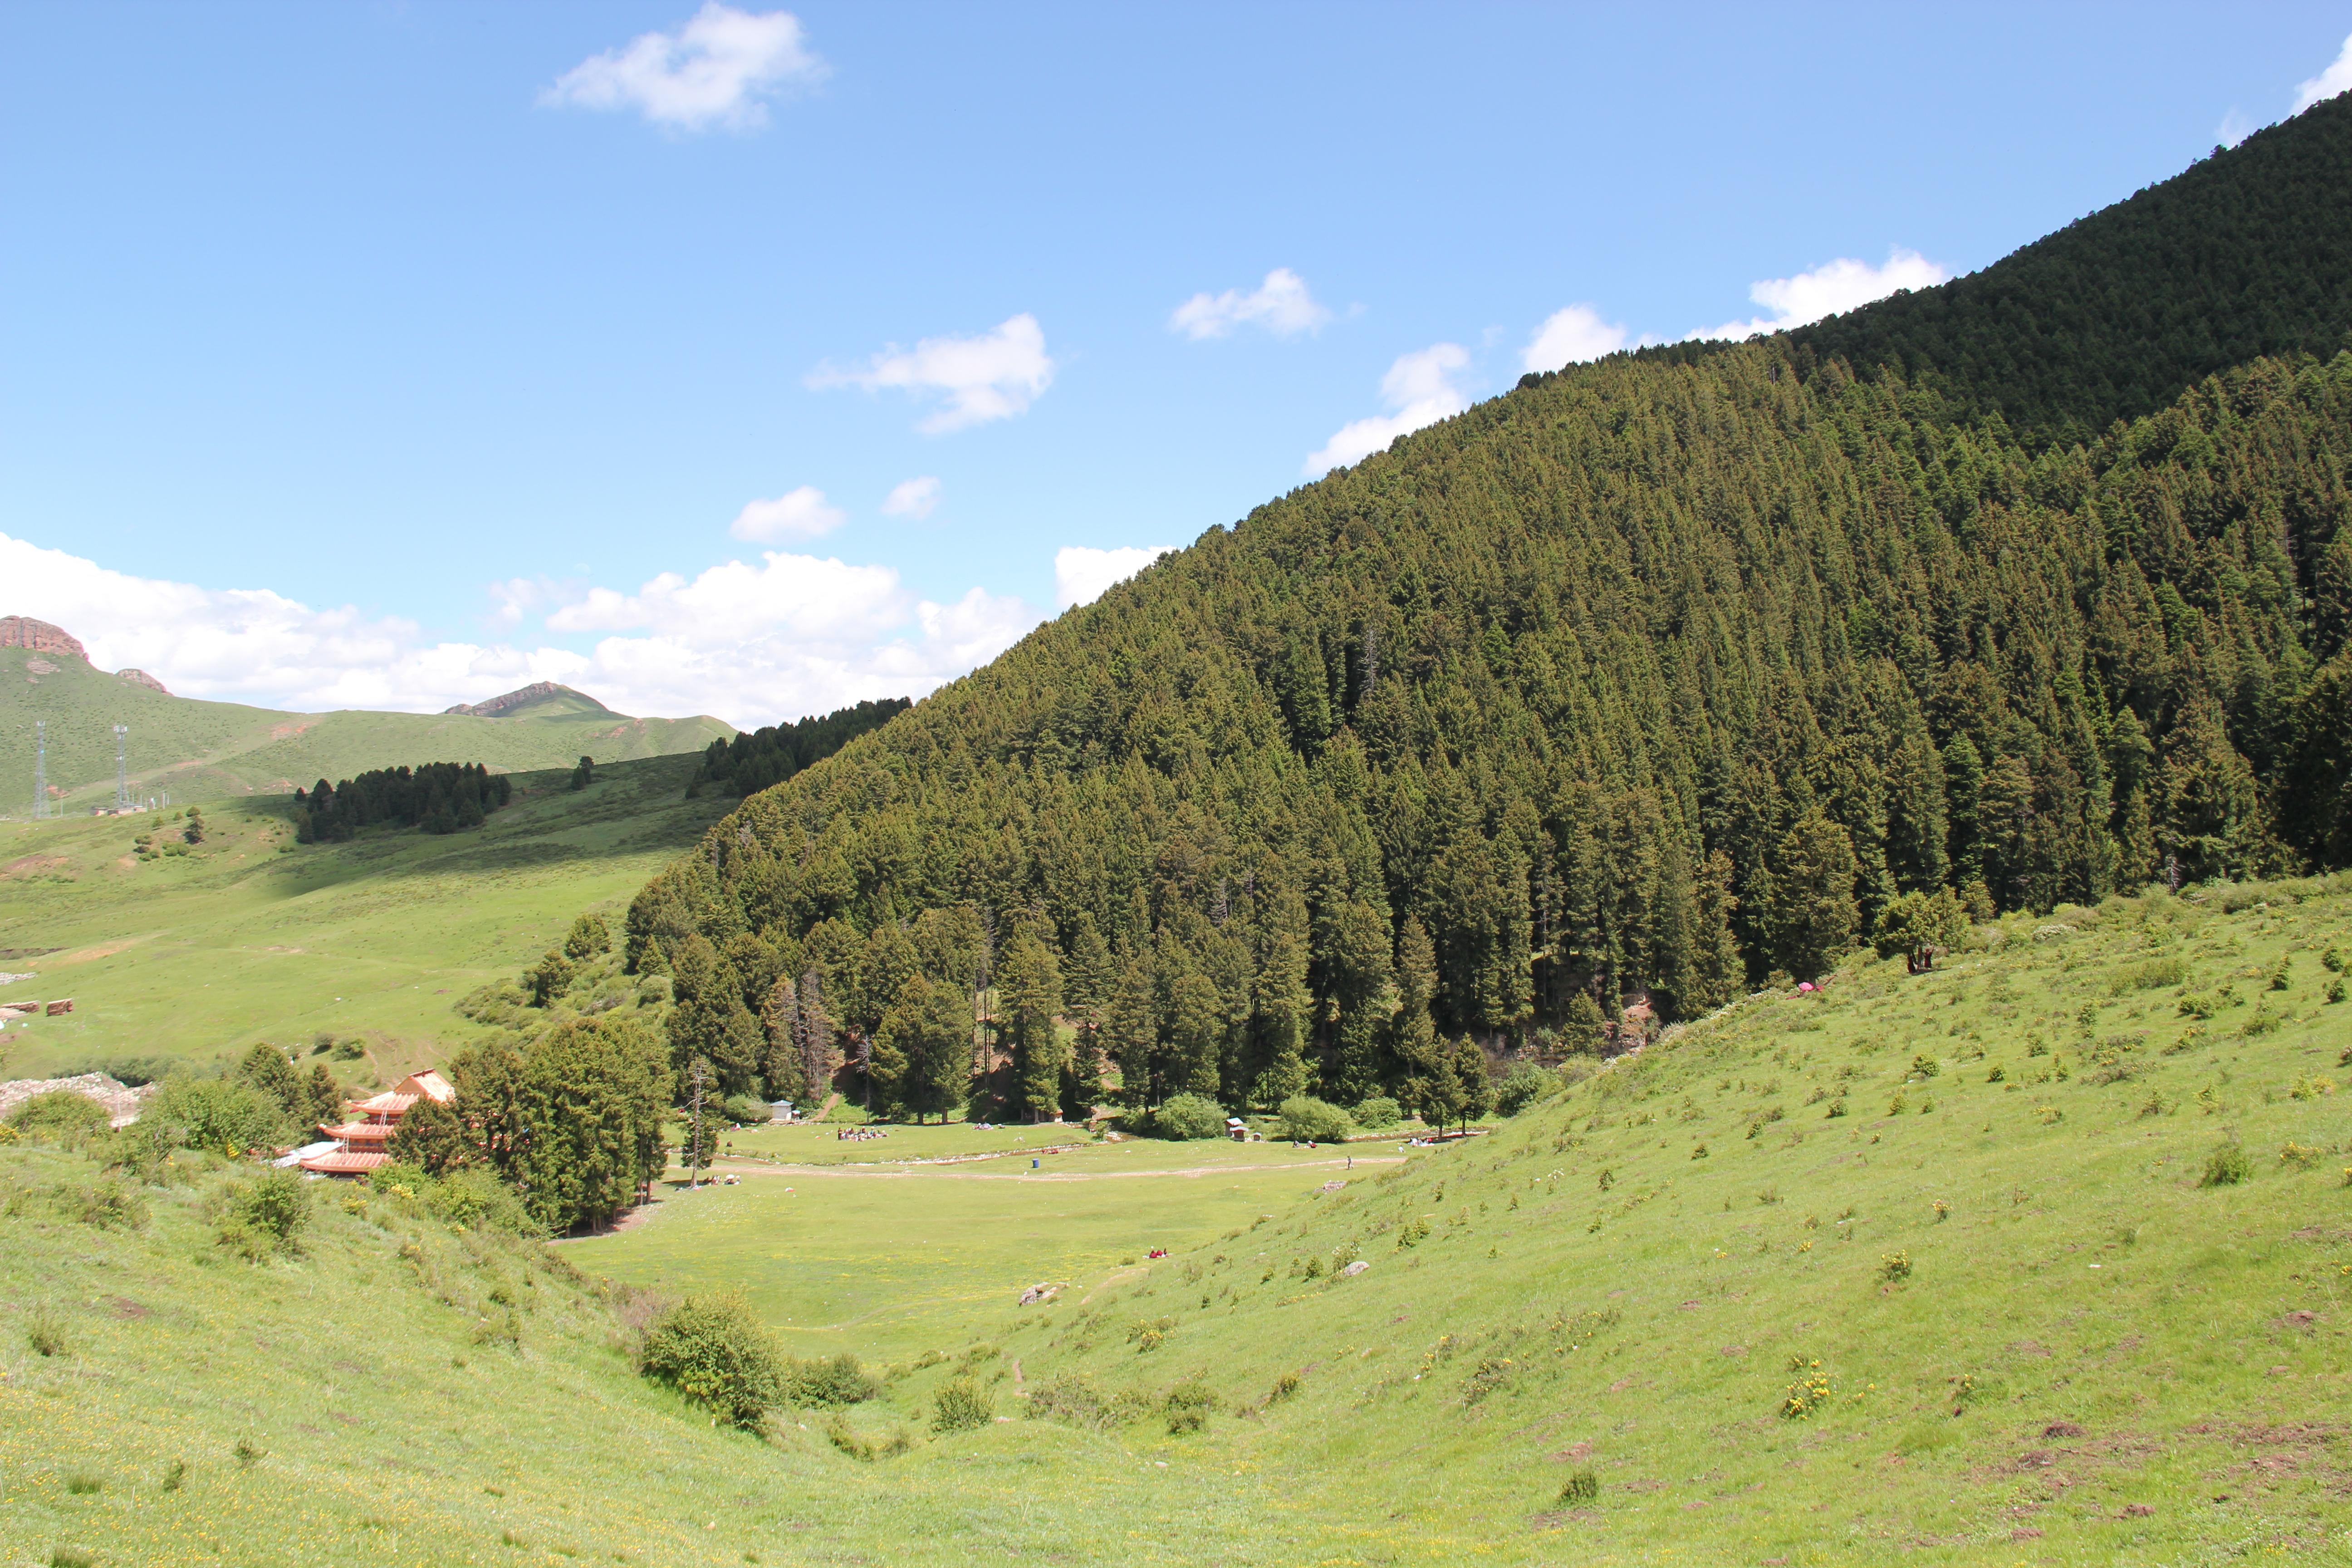 印度泰姬陵白色大理石由于受到污染变成黄绿色